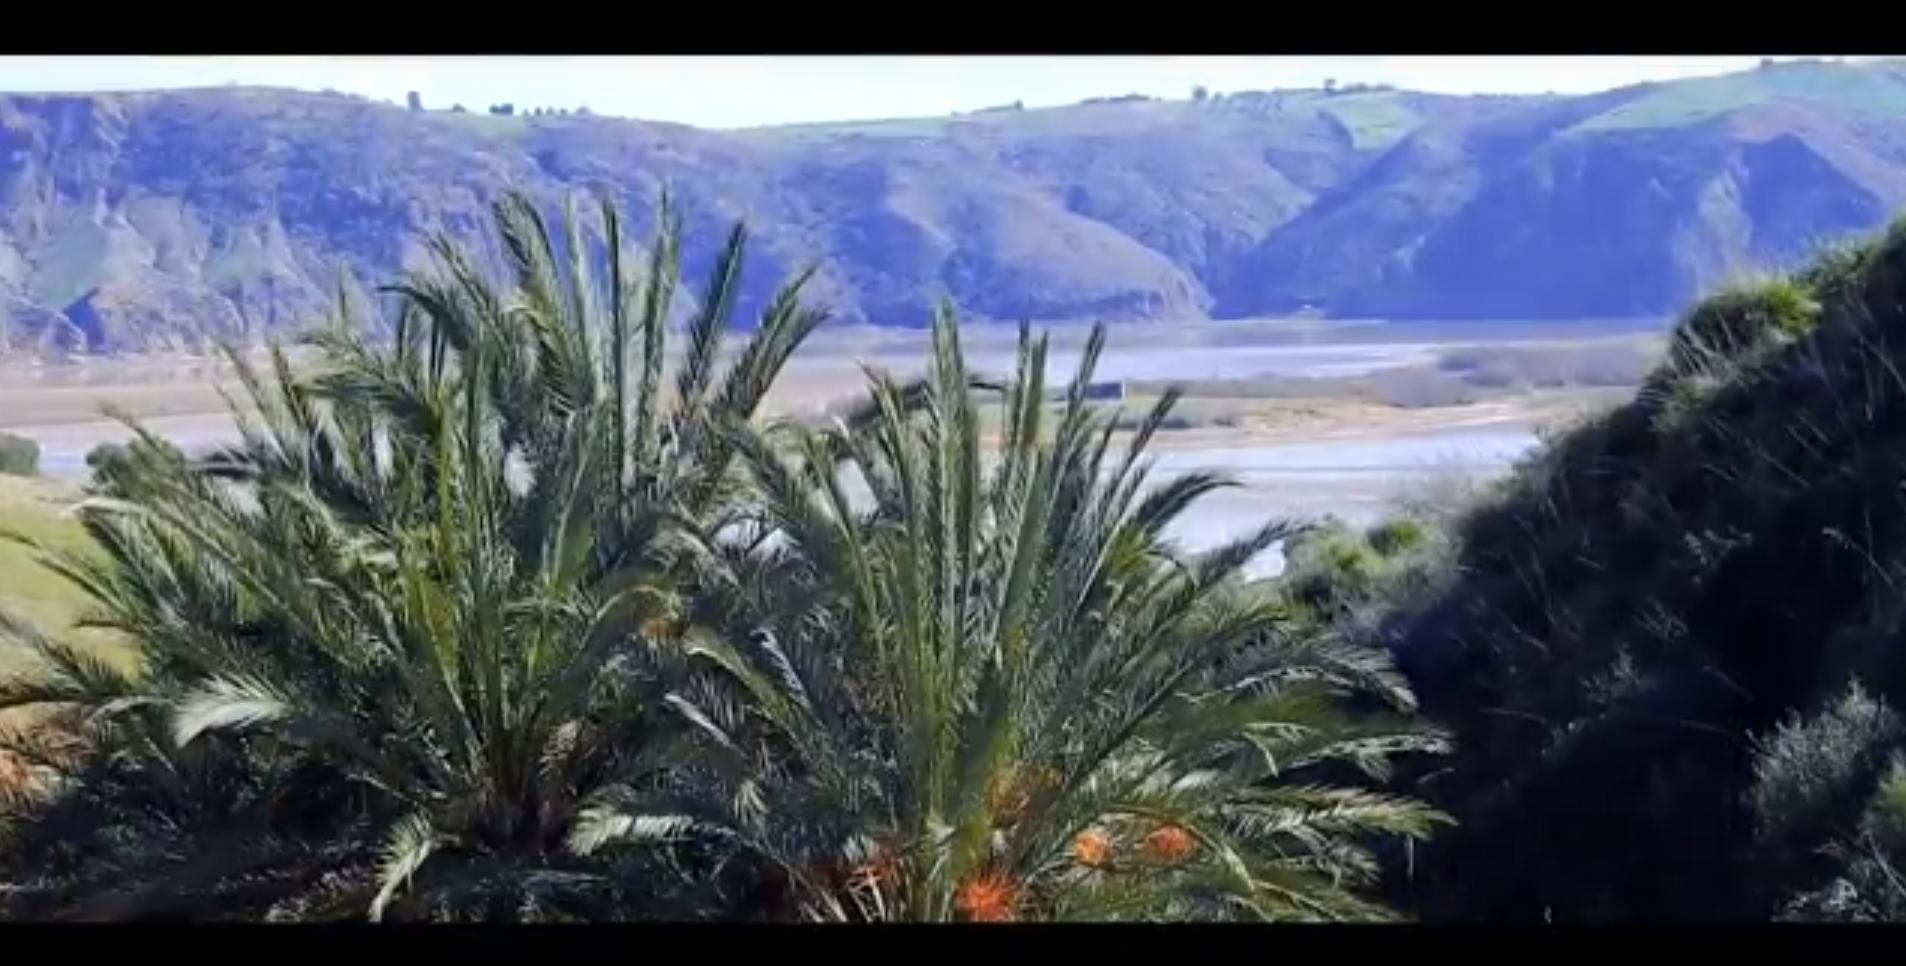 Les vidéos de la Réunion régionale de restitution actuellement disponibles en arabe, anglais et français